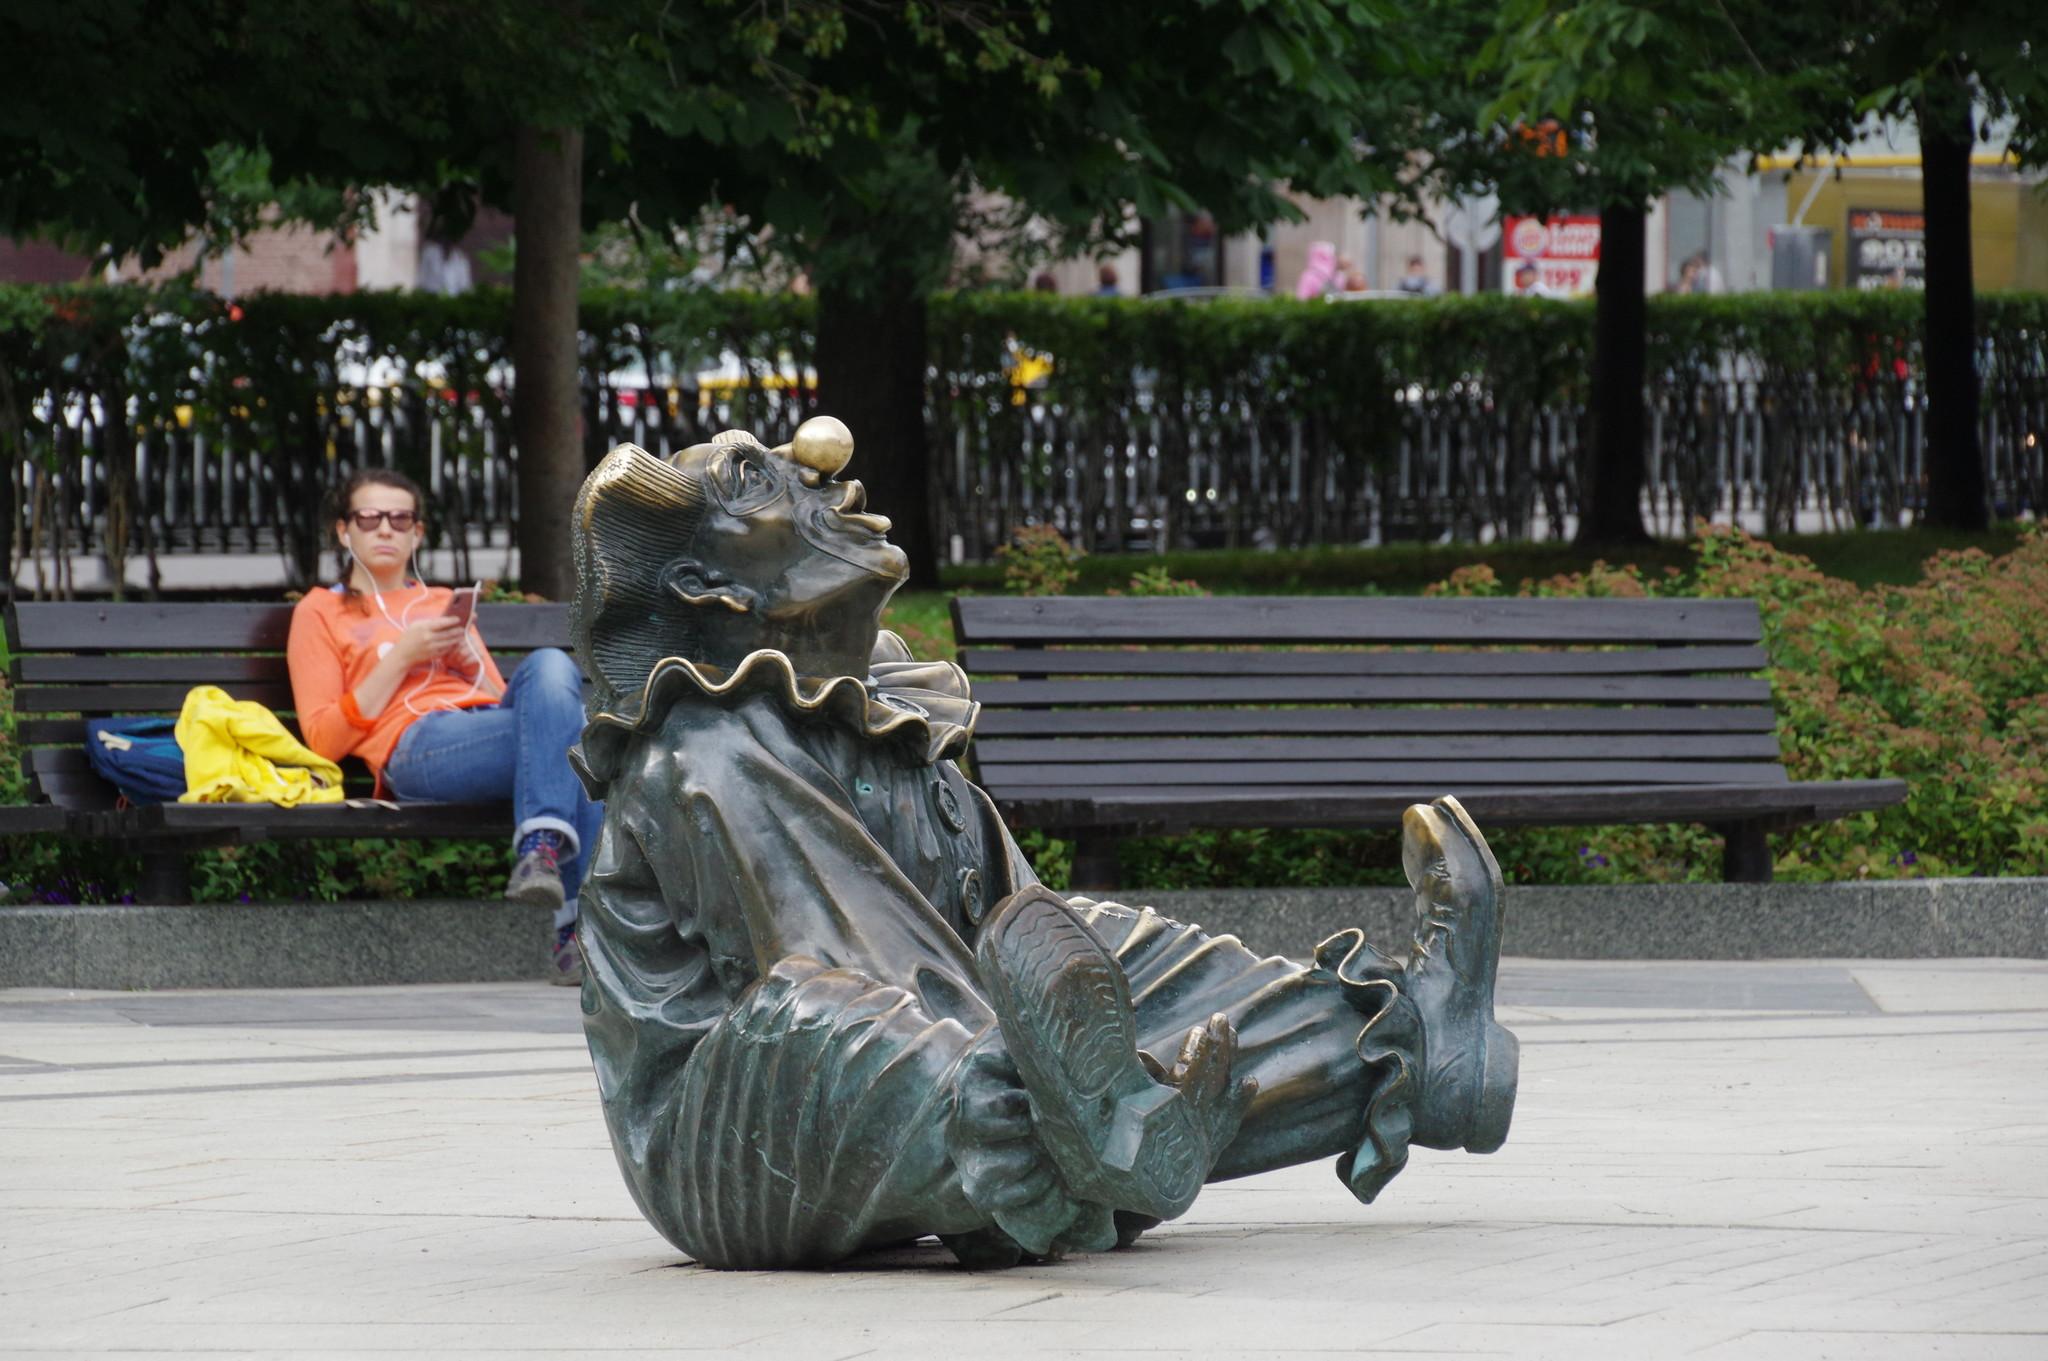 Скульптура циркача в сквере перед цирком на Цветном бульваре в Москве